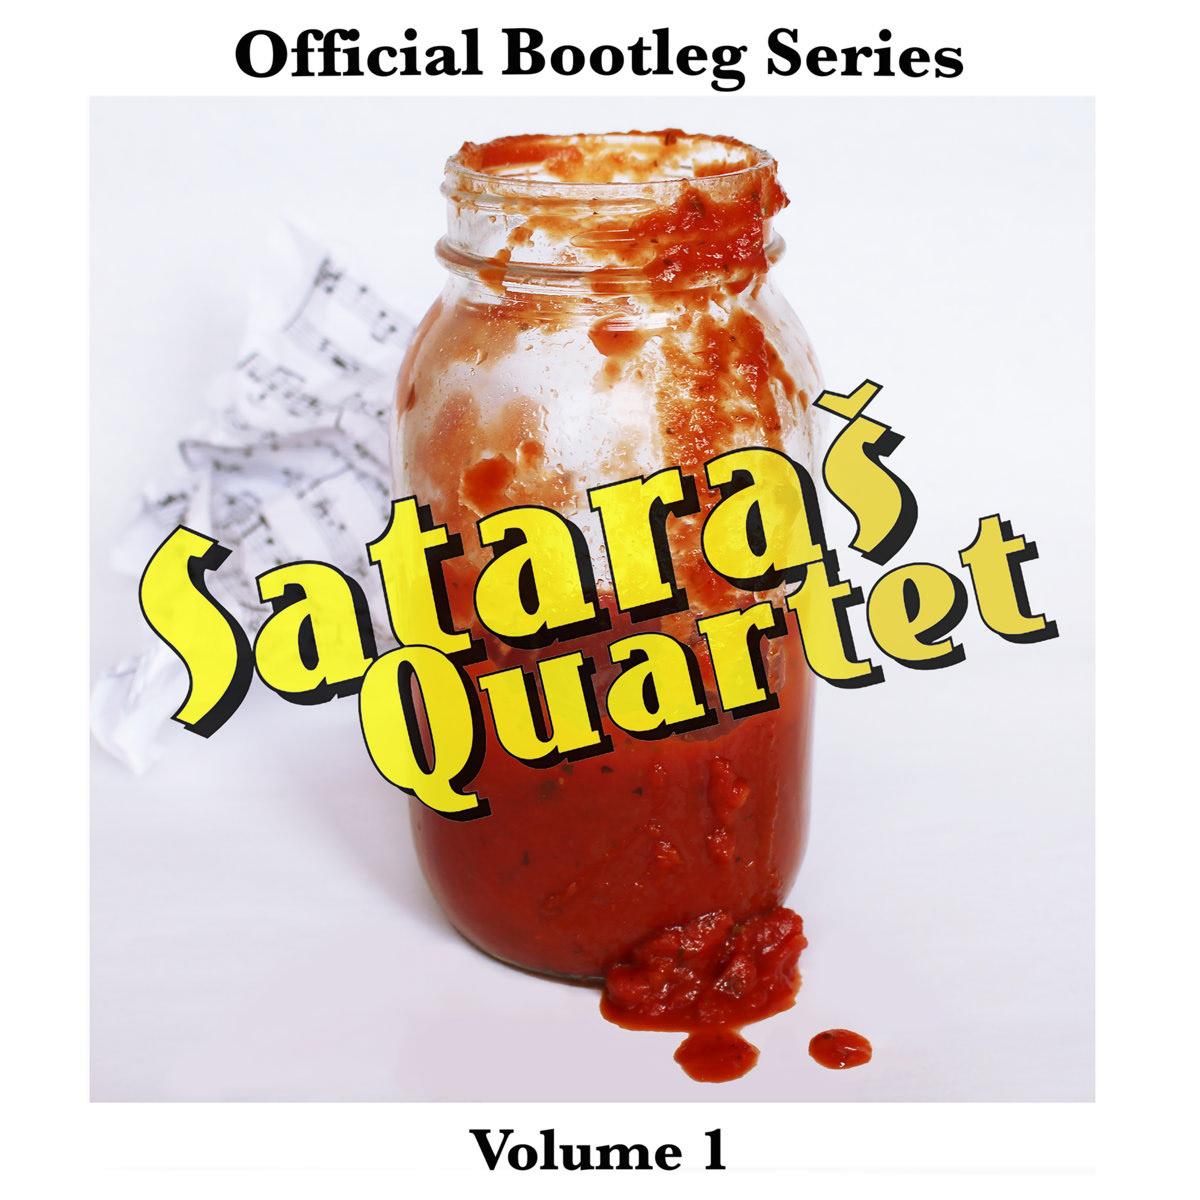 Album artwork by Colin Bragg for Sataras quartet